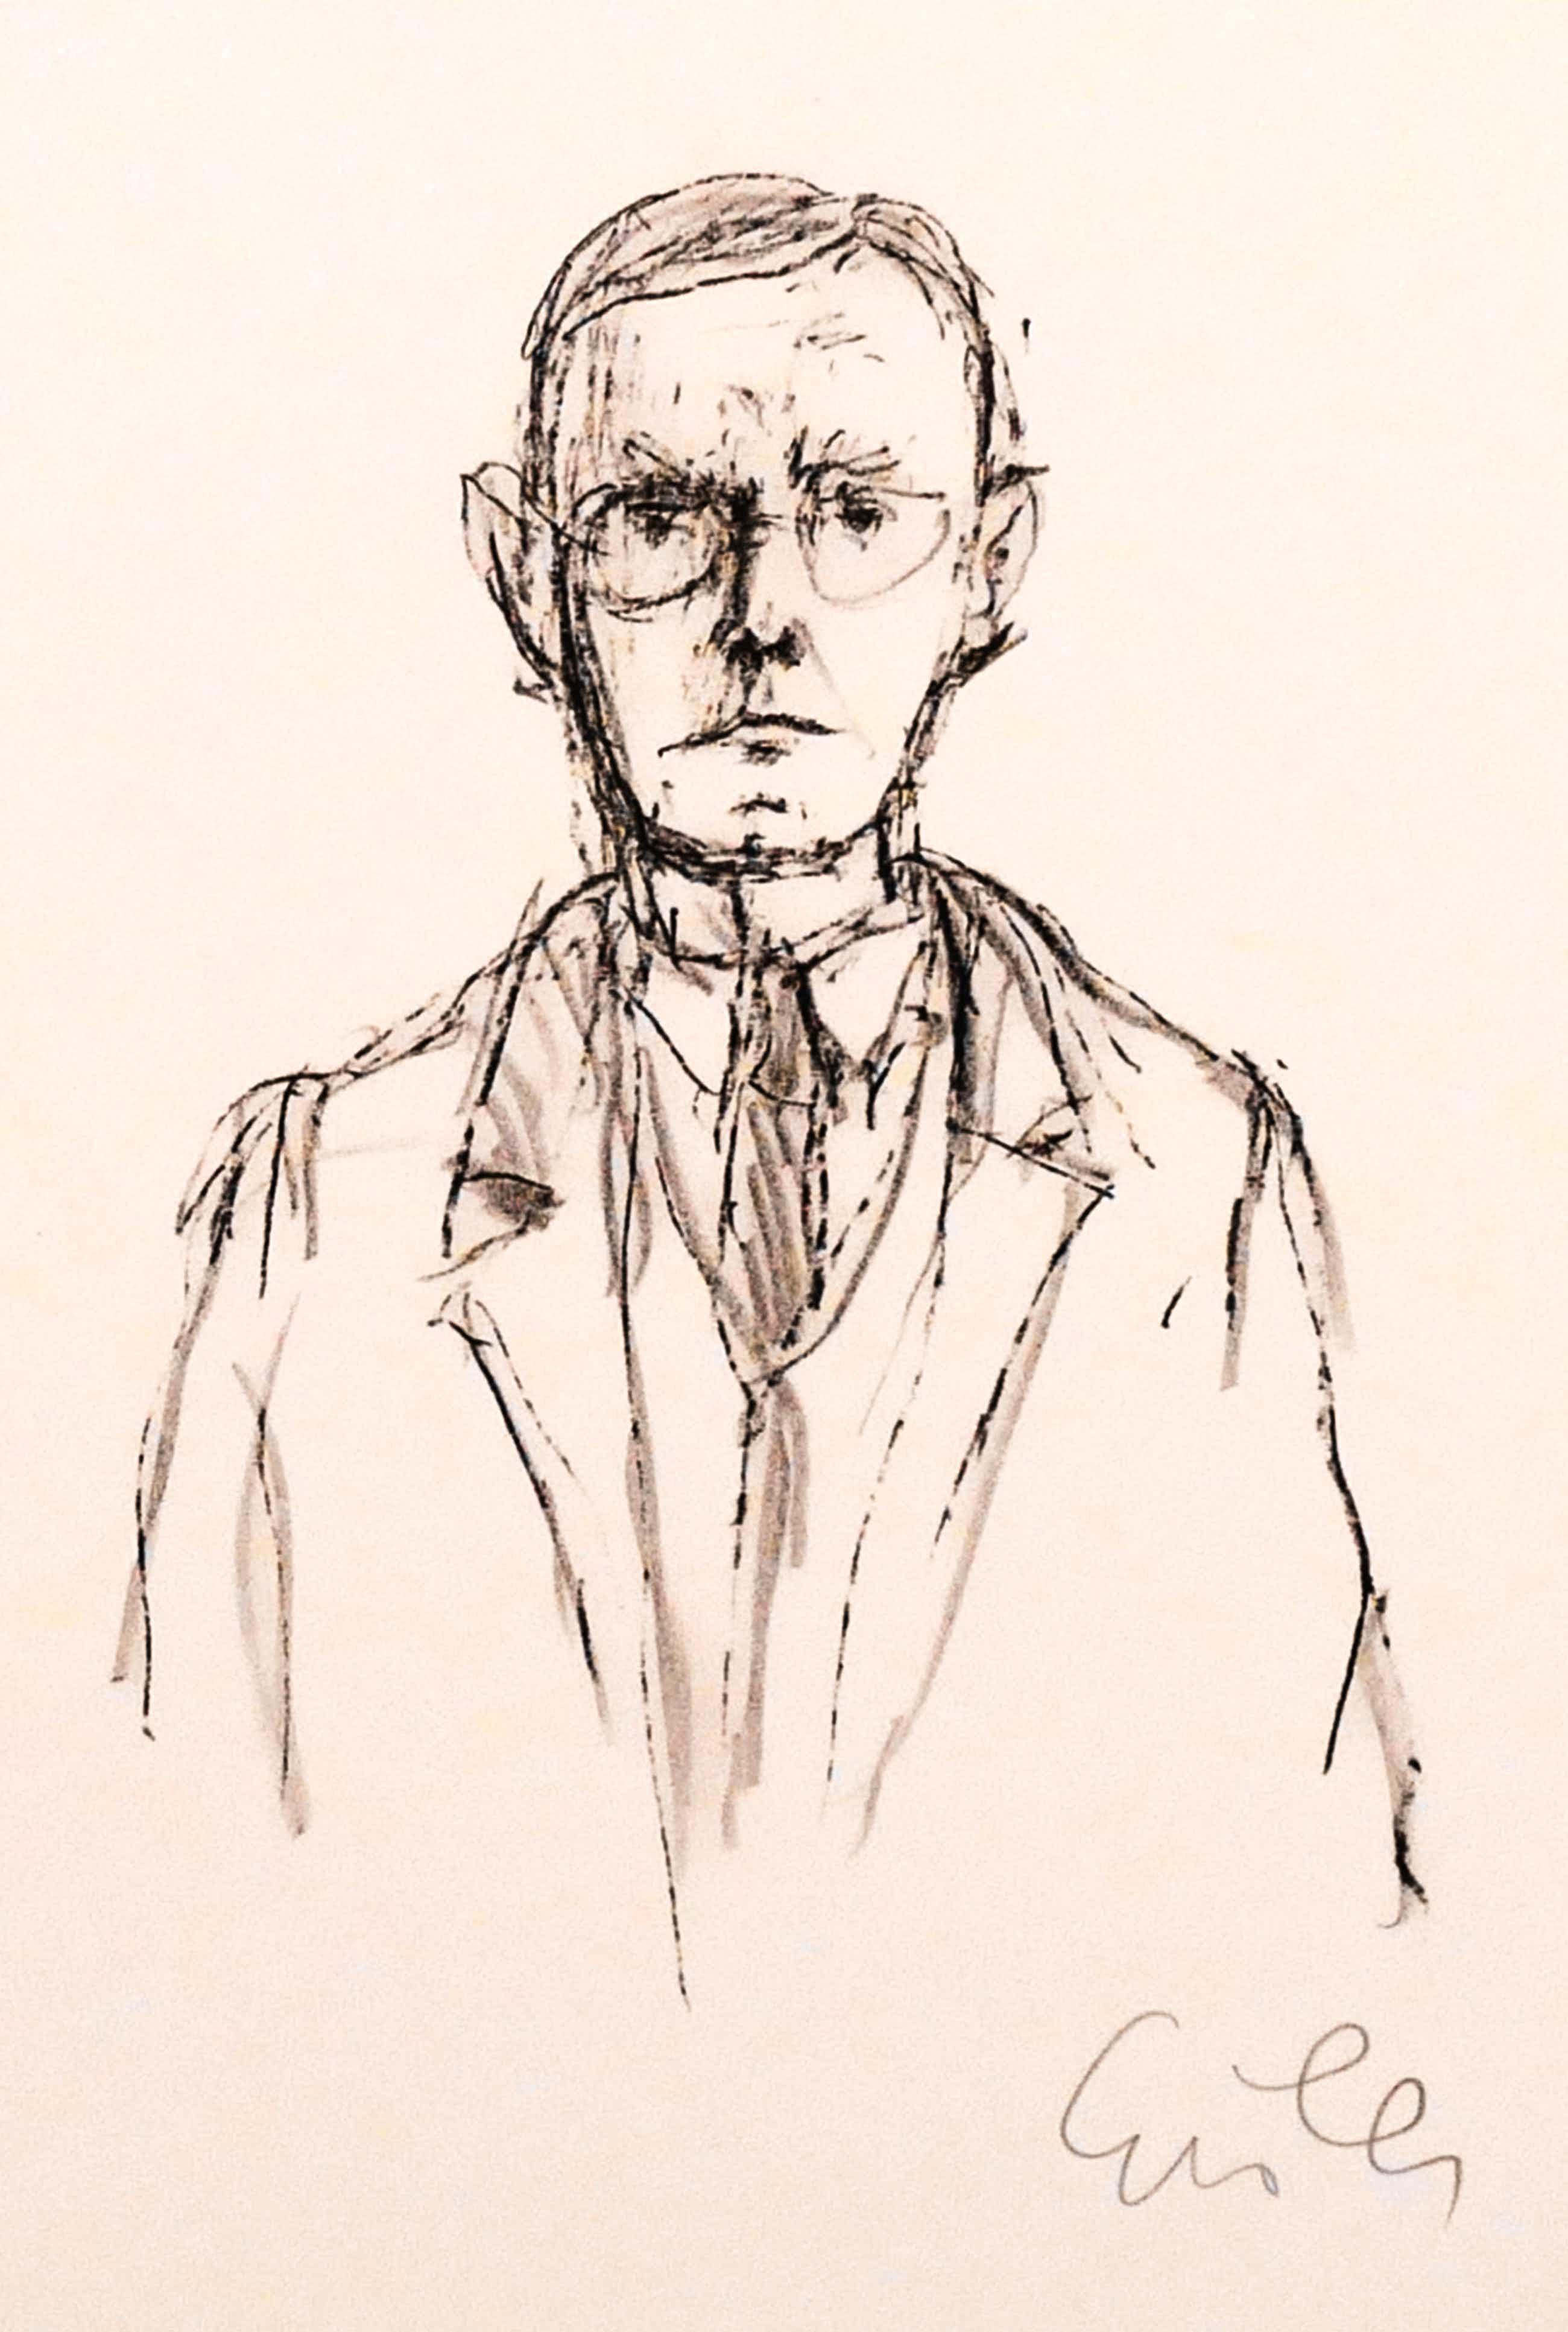 Georg Eisler - Portrait Hermann Hesse, Lithografie auf Bütten, handsigniert, Probeabzug kopen? Bied vanaf 110!